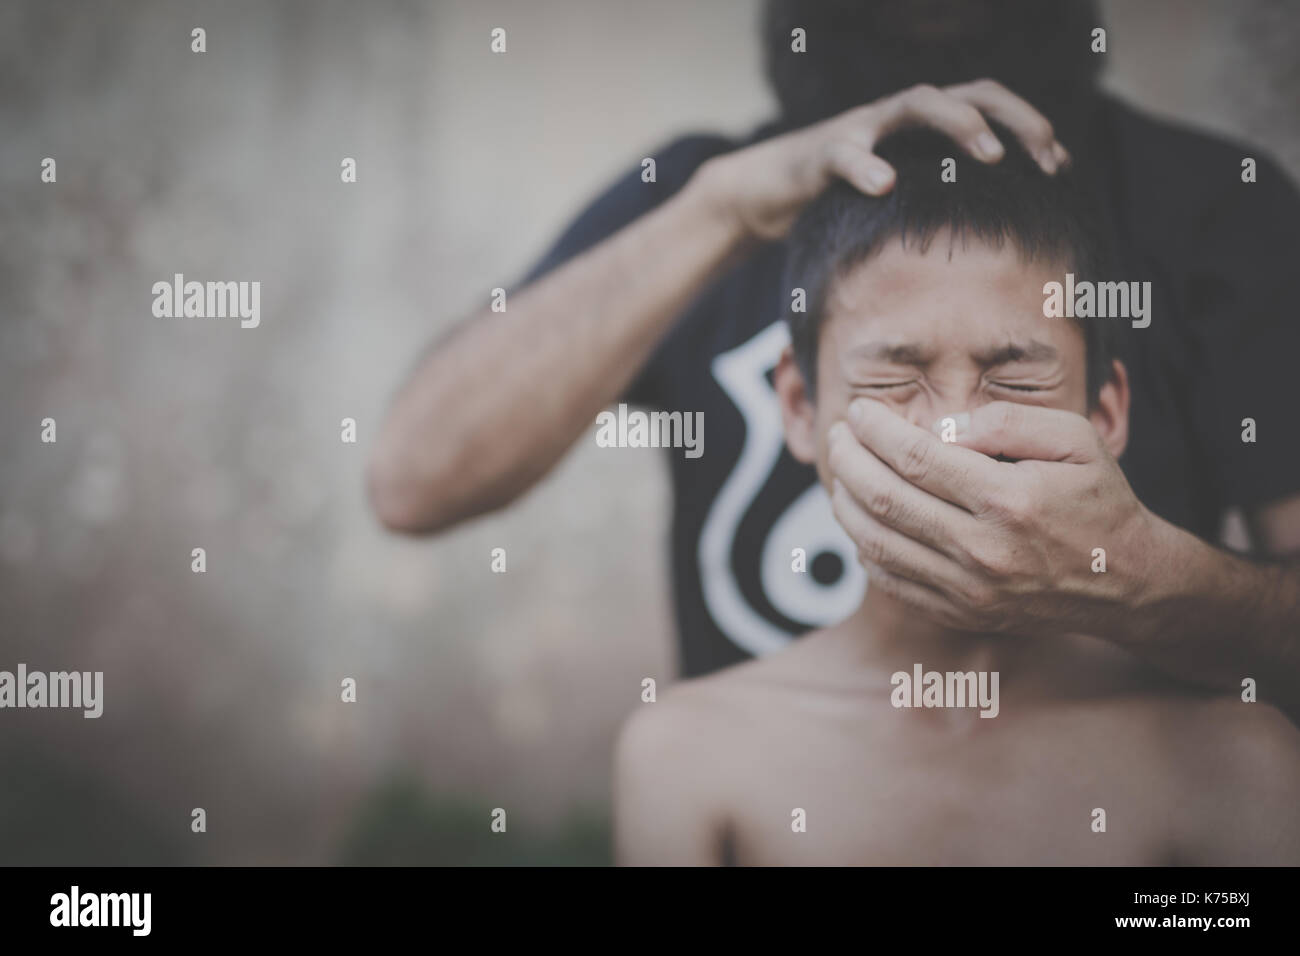 El tráfico de seres humanos, dejar de abusar de la violencia infantil, el Día de los derechos humanos concepto. Imagen De Stock